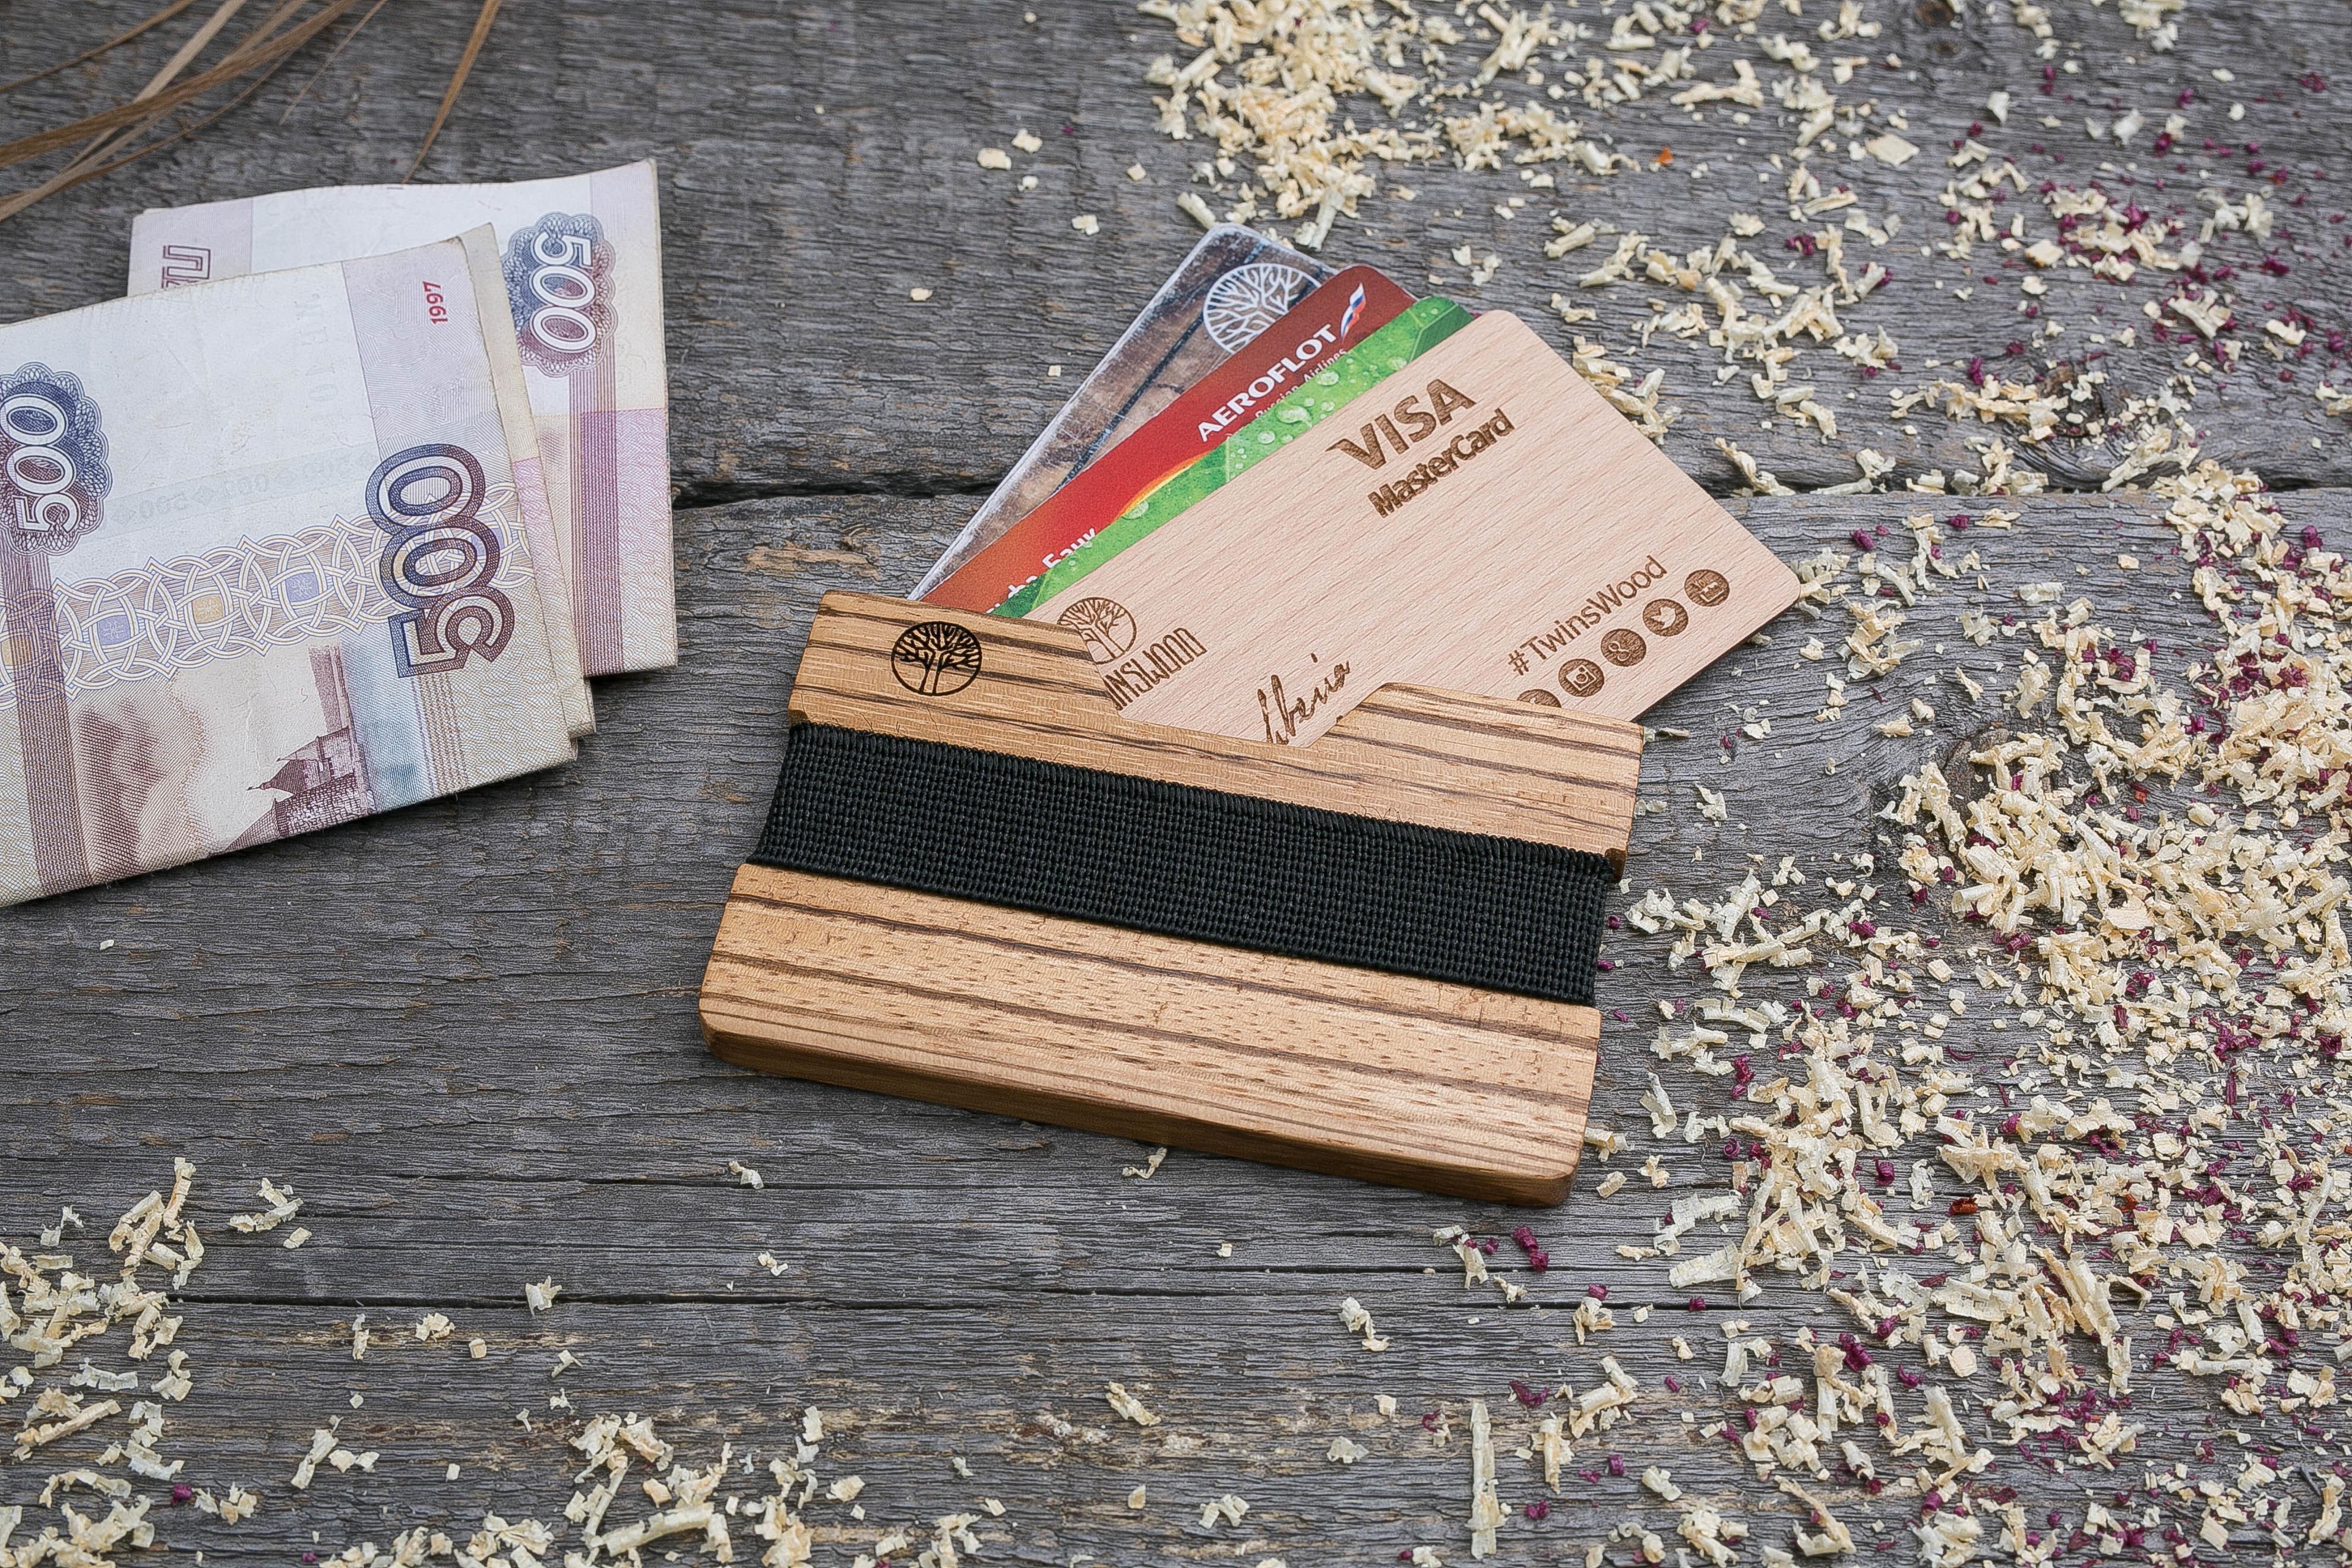 Деревянный кошелек  из зебрано. Горизонтальная загрузка. Для 1-6 пластиковых карт и купюр. Поддержка Apple Pay. Гравировка имени или логотипа. Бизнес сувенир. Подарок другу. Именной кошелек